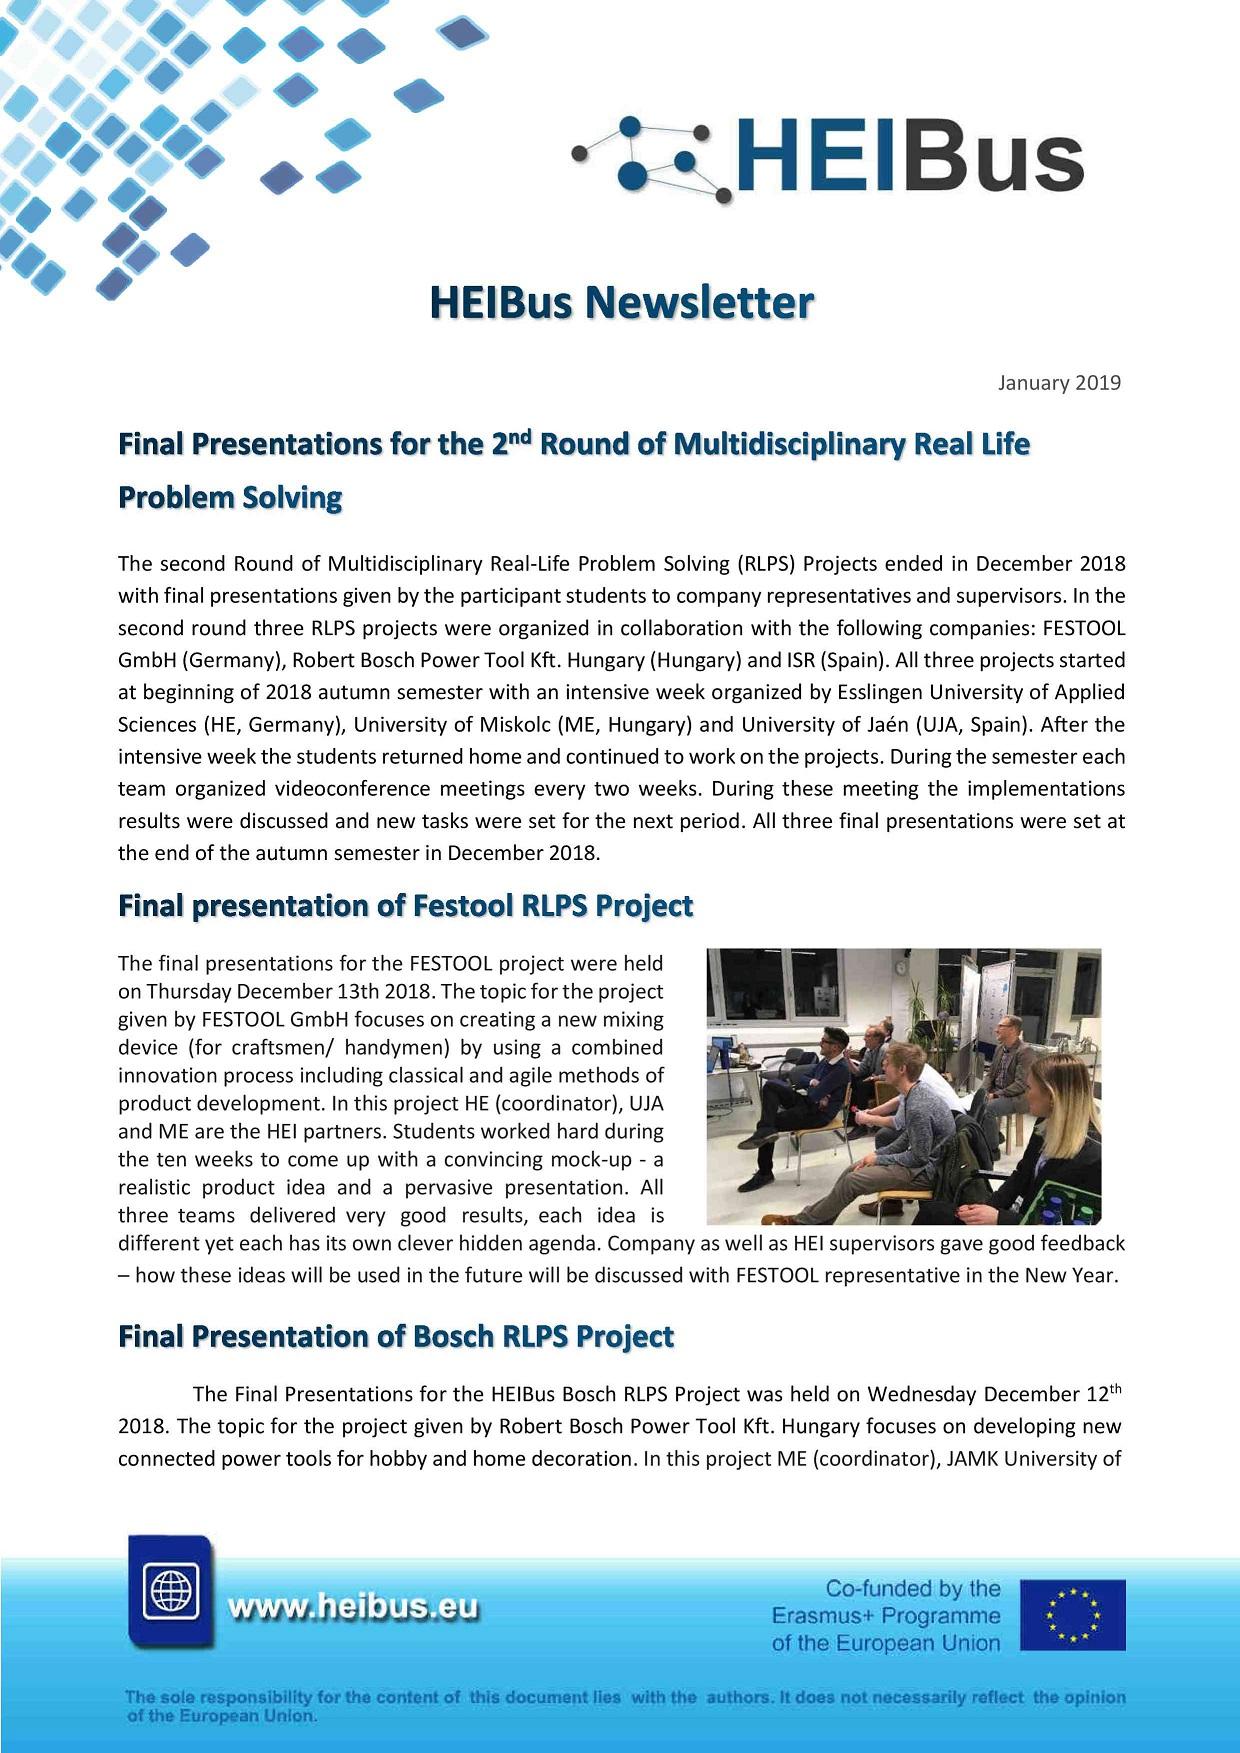 HEIBus Newsletter 5